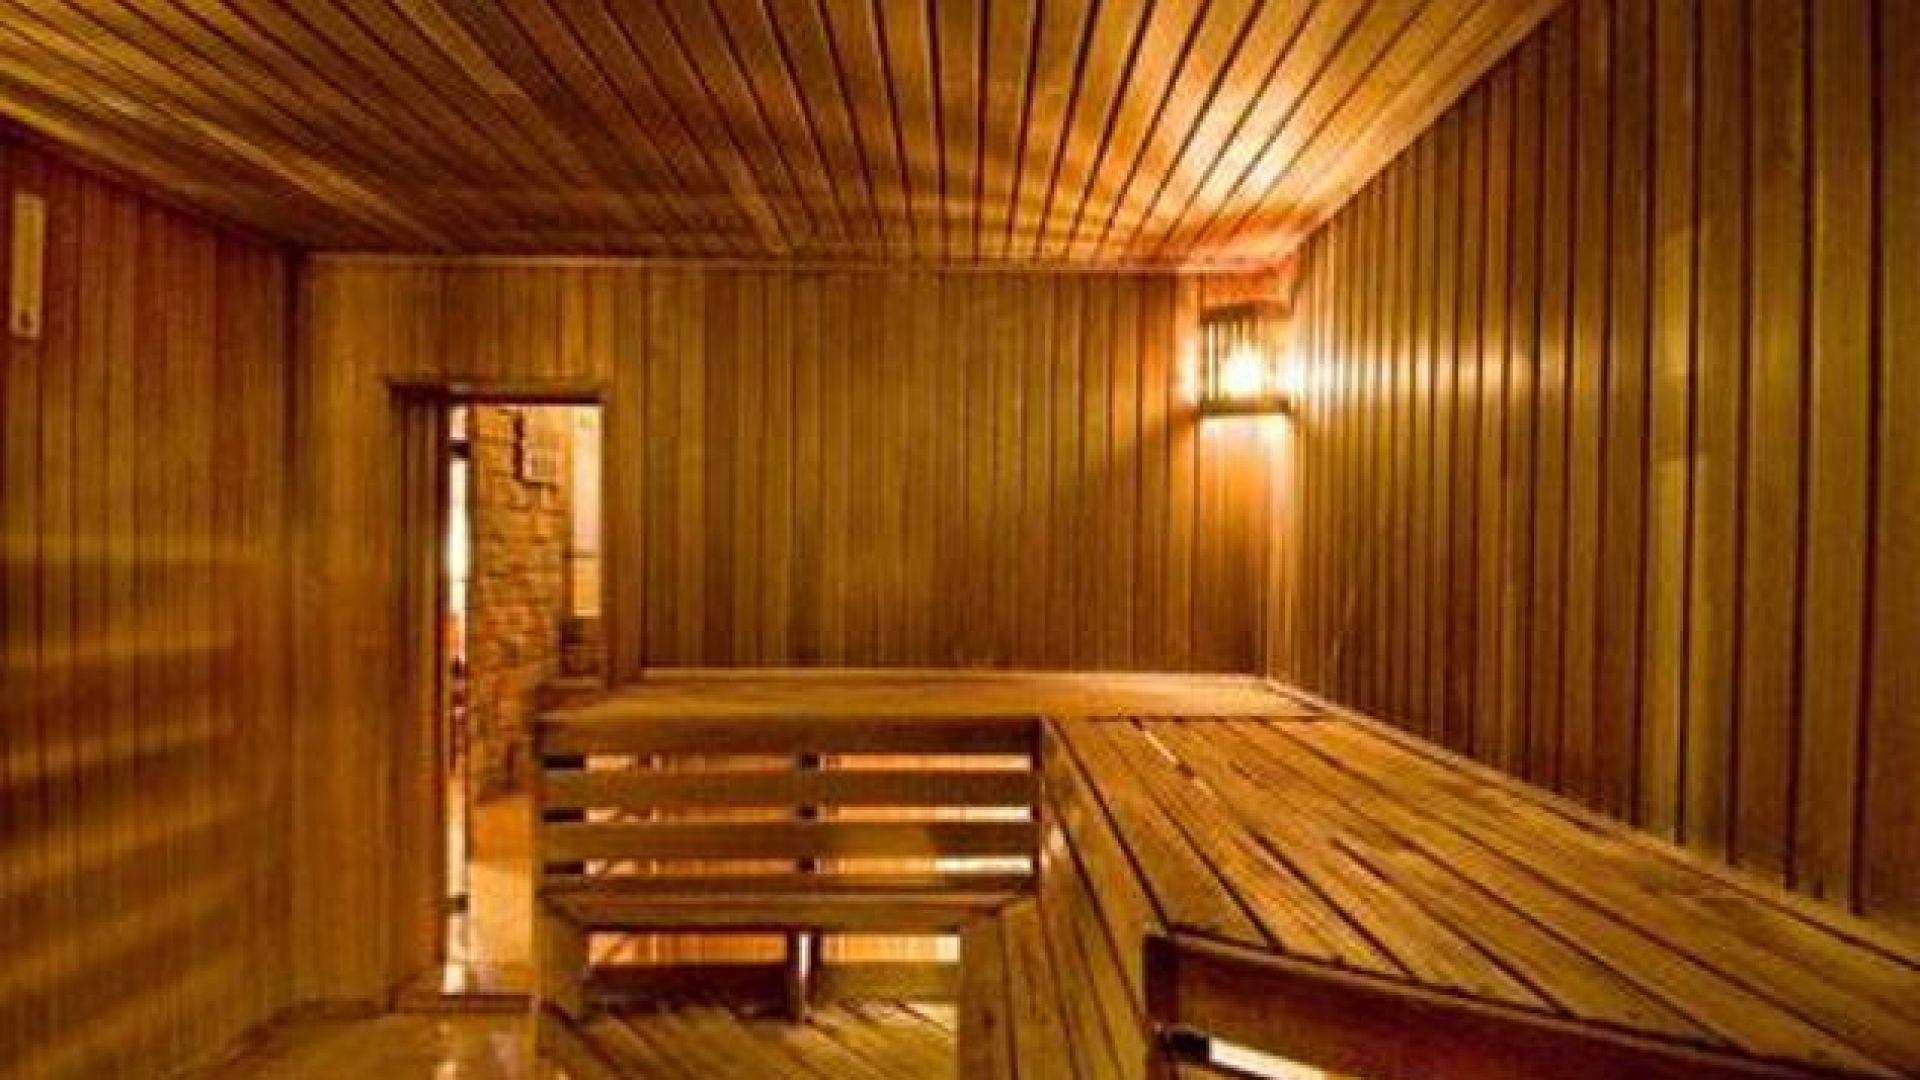 Эксклюзивные бани из бревна под ключ: элитные проекты, фото бань премиум класса. купить в городлес